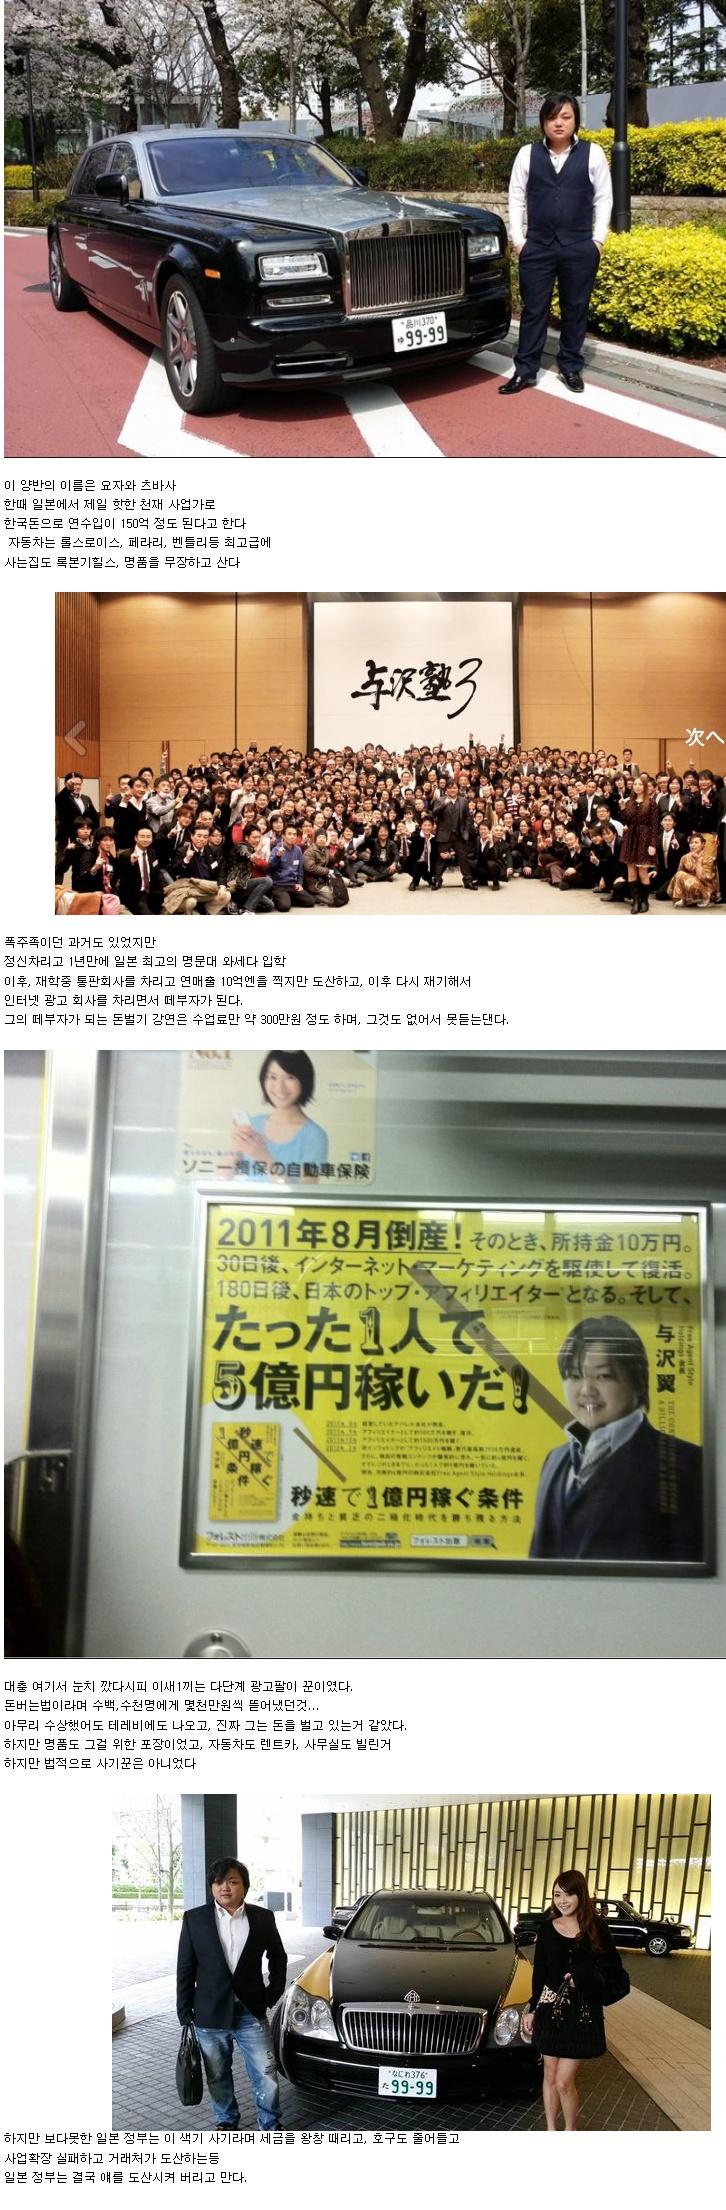 일본에서 가장 유명한 다단계 사기꾼